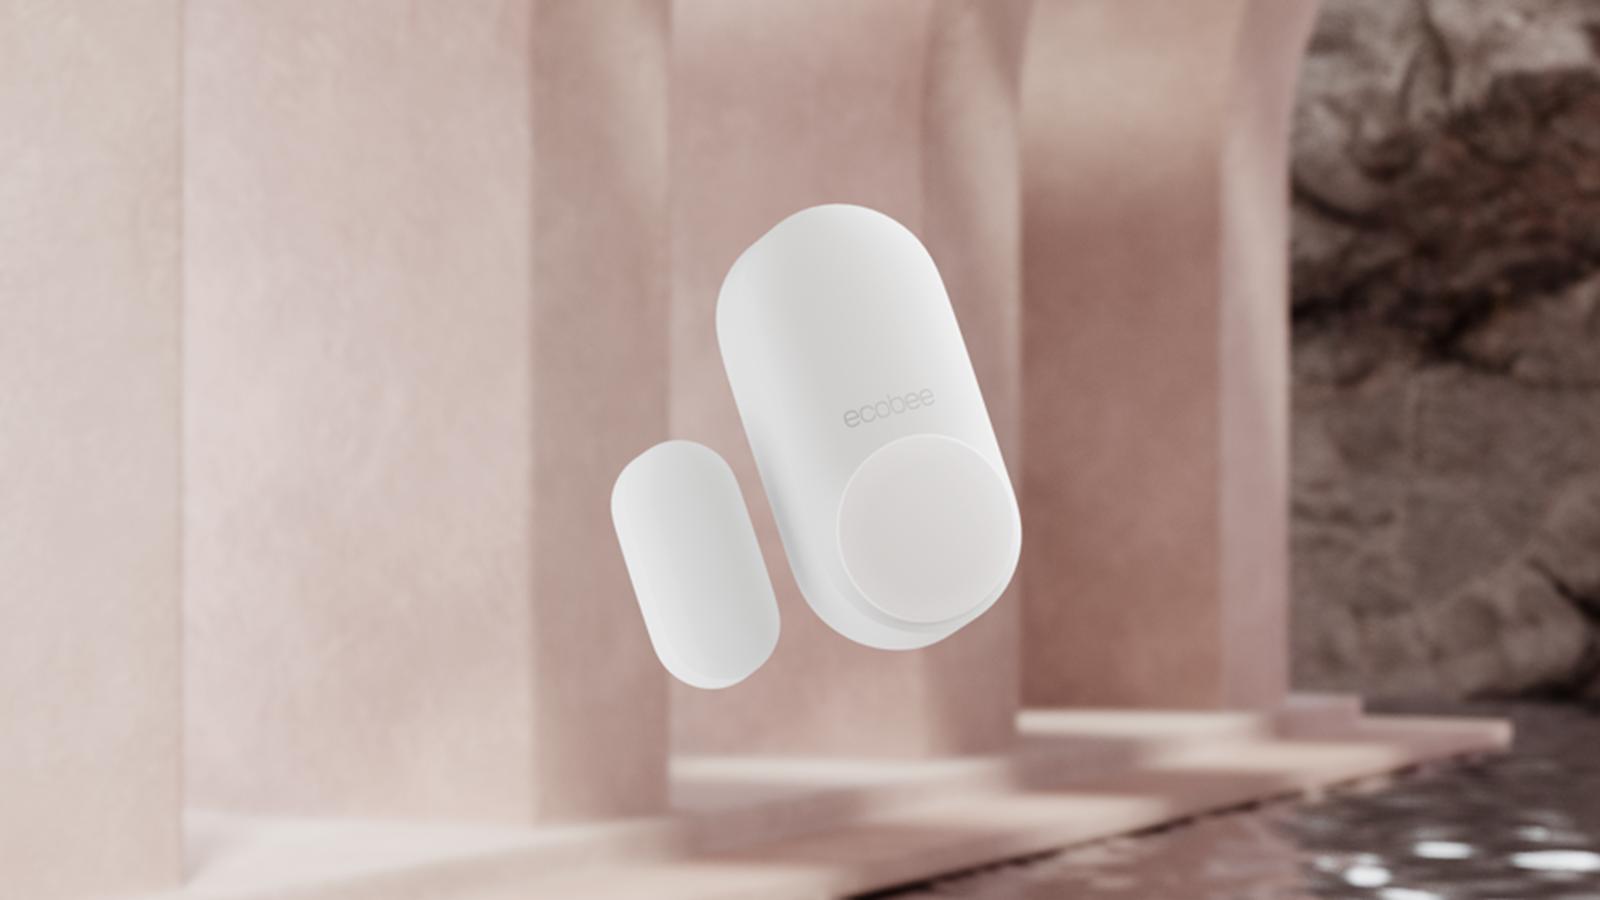 a white ecobee door and window sensor.